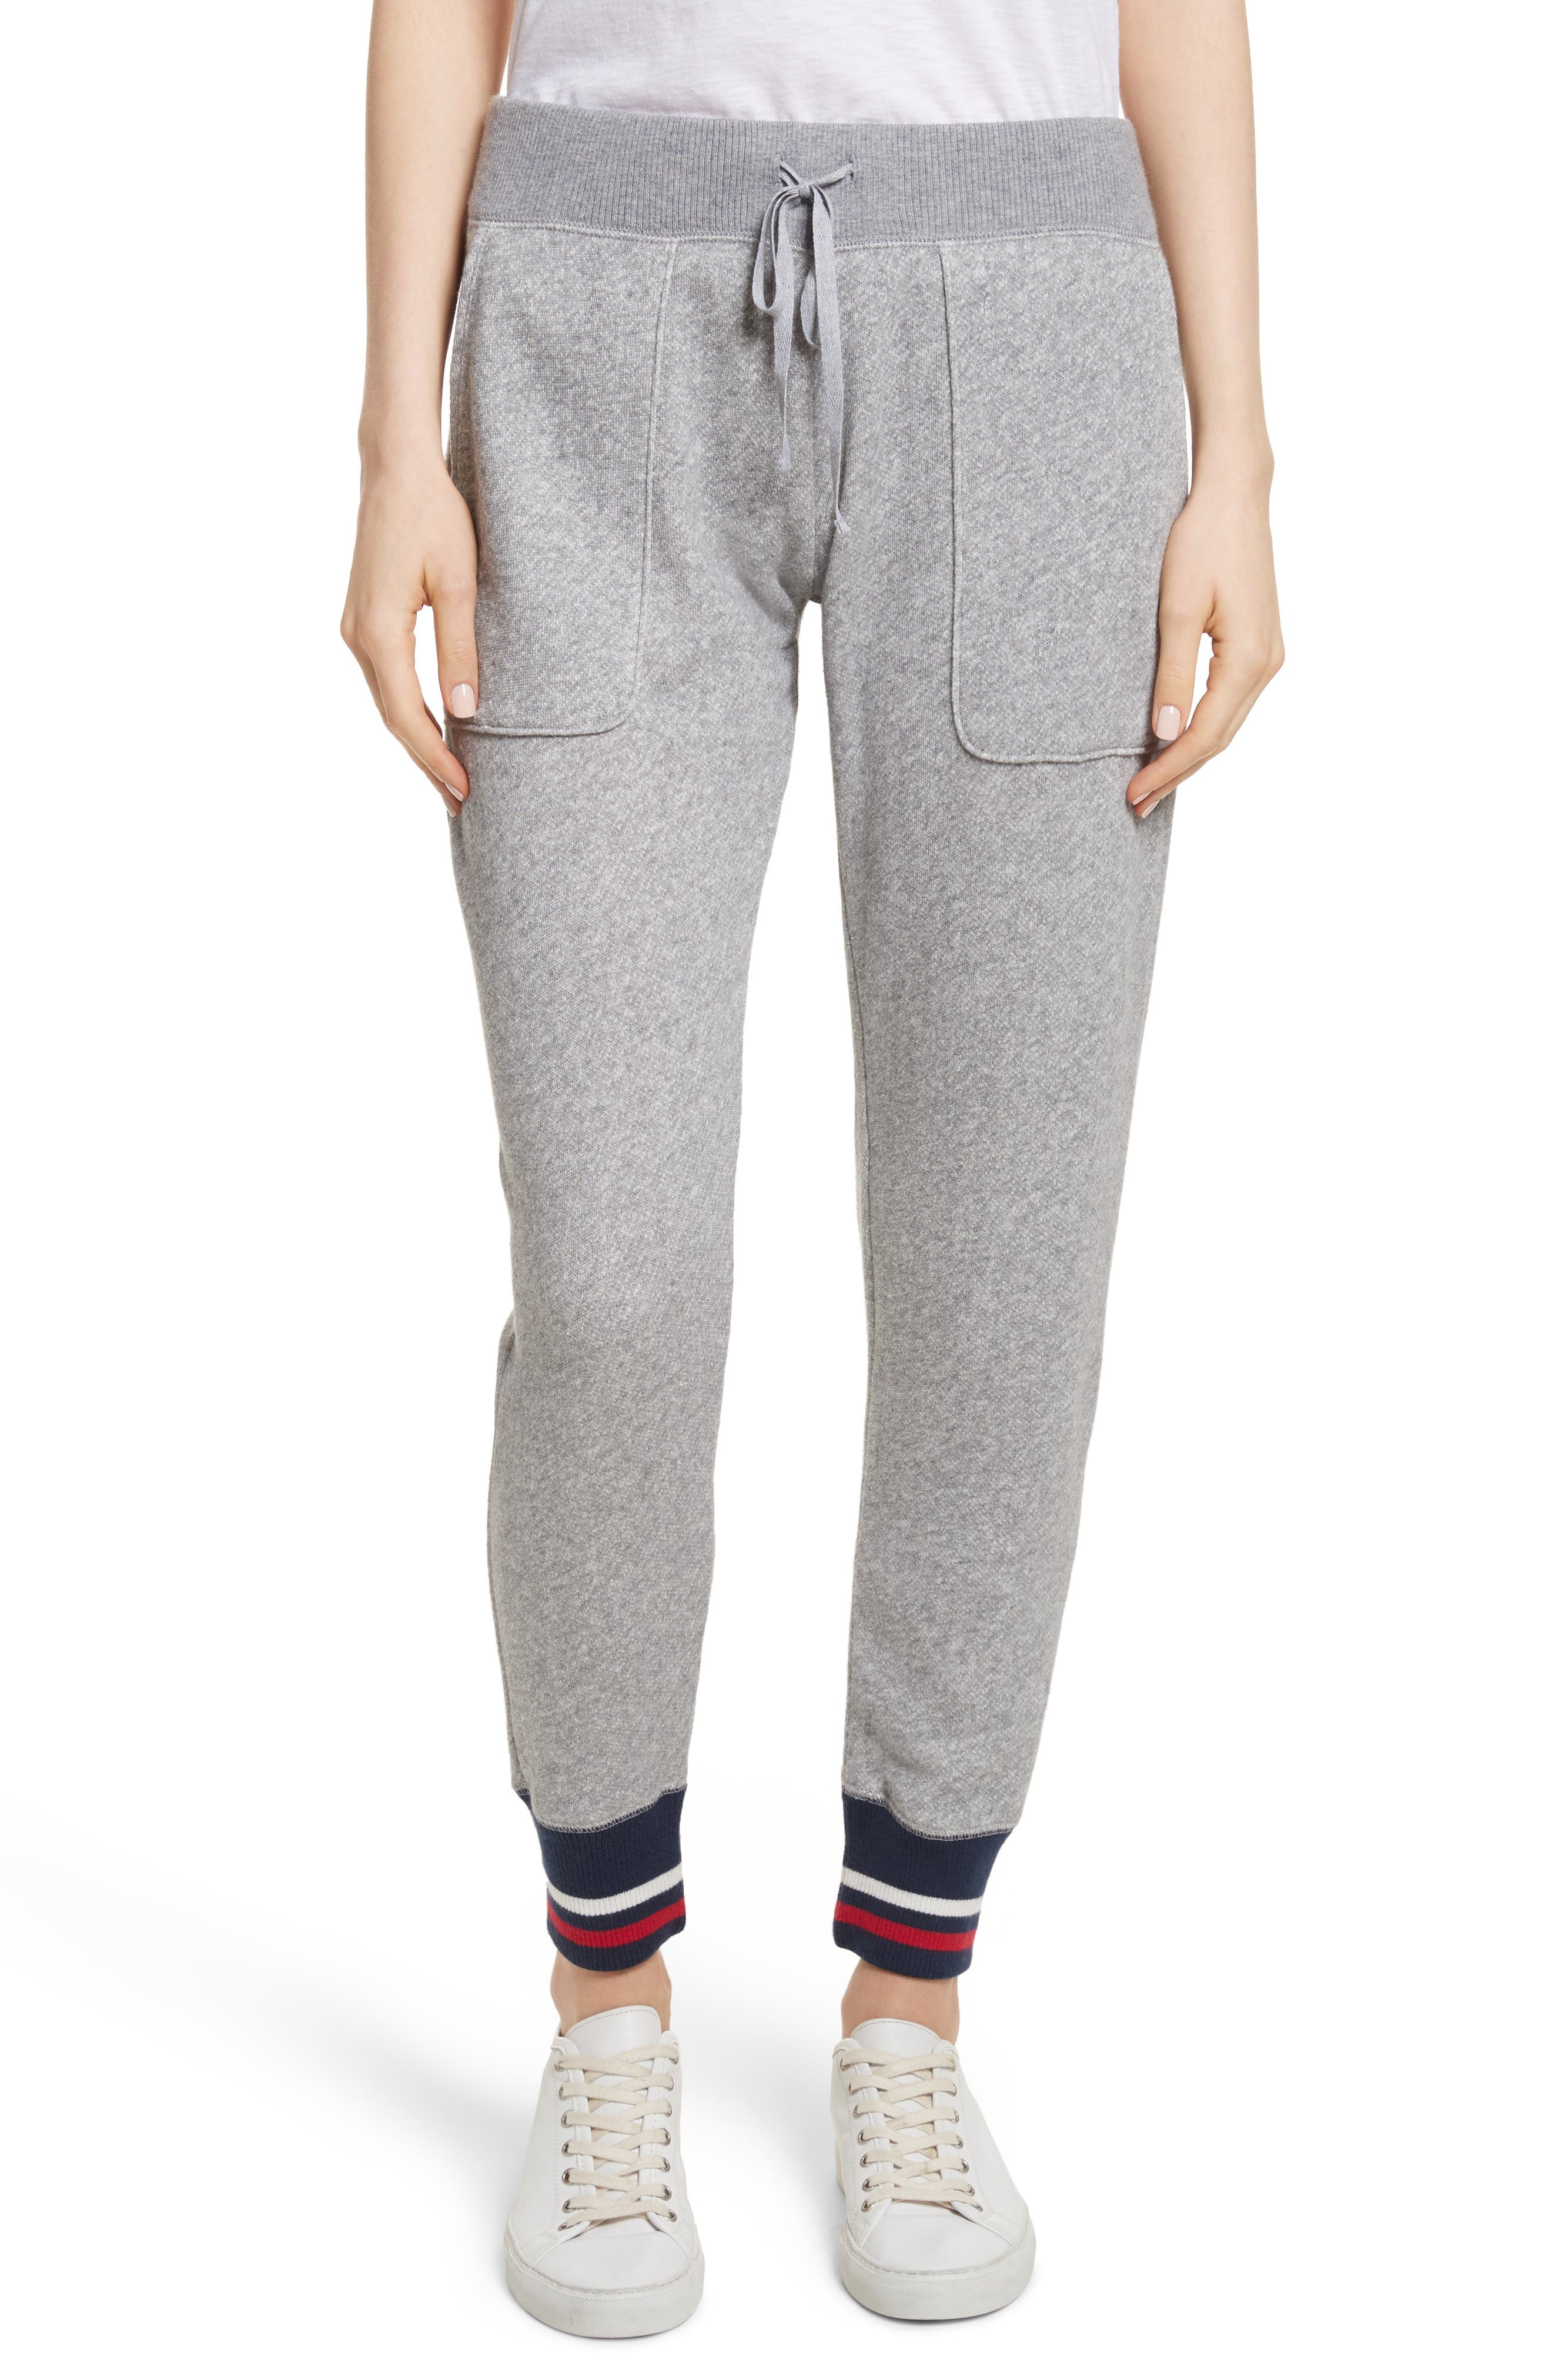 Denicah Cotton Sweatpants,                         Main,                         color,